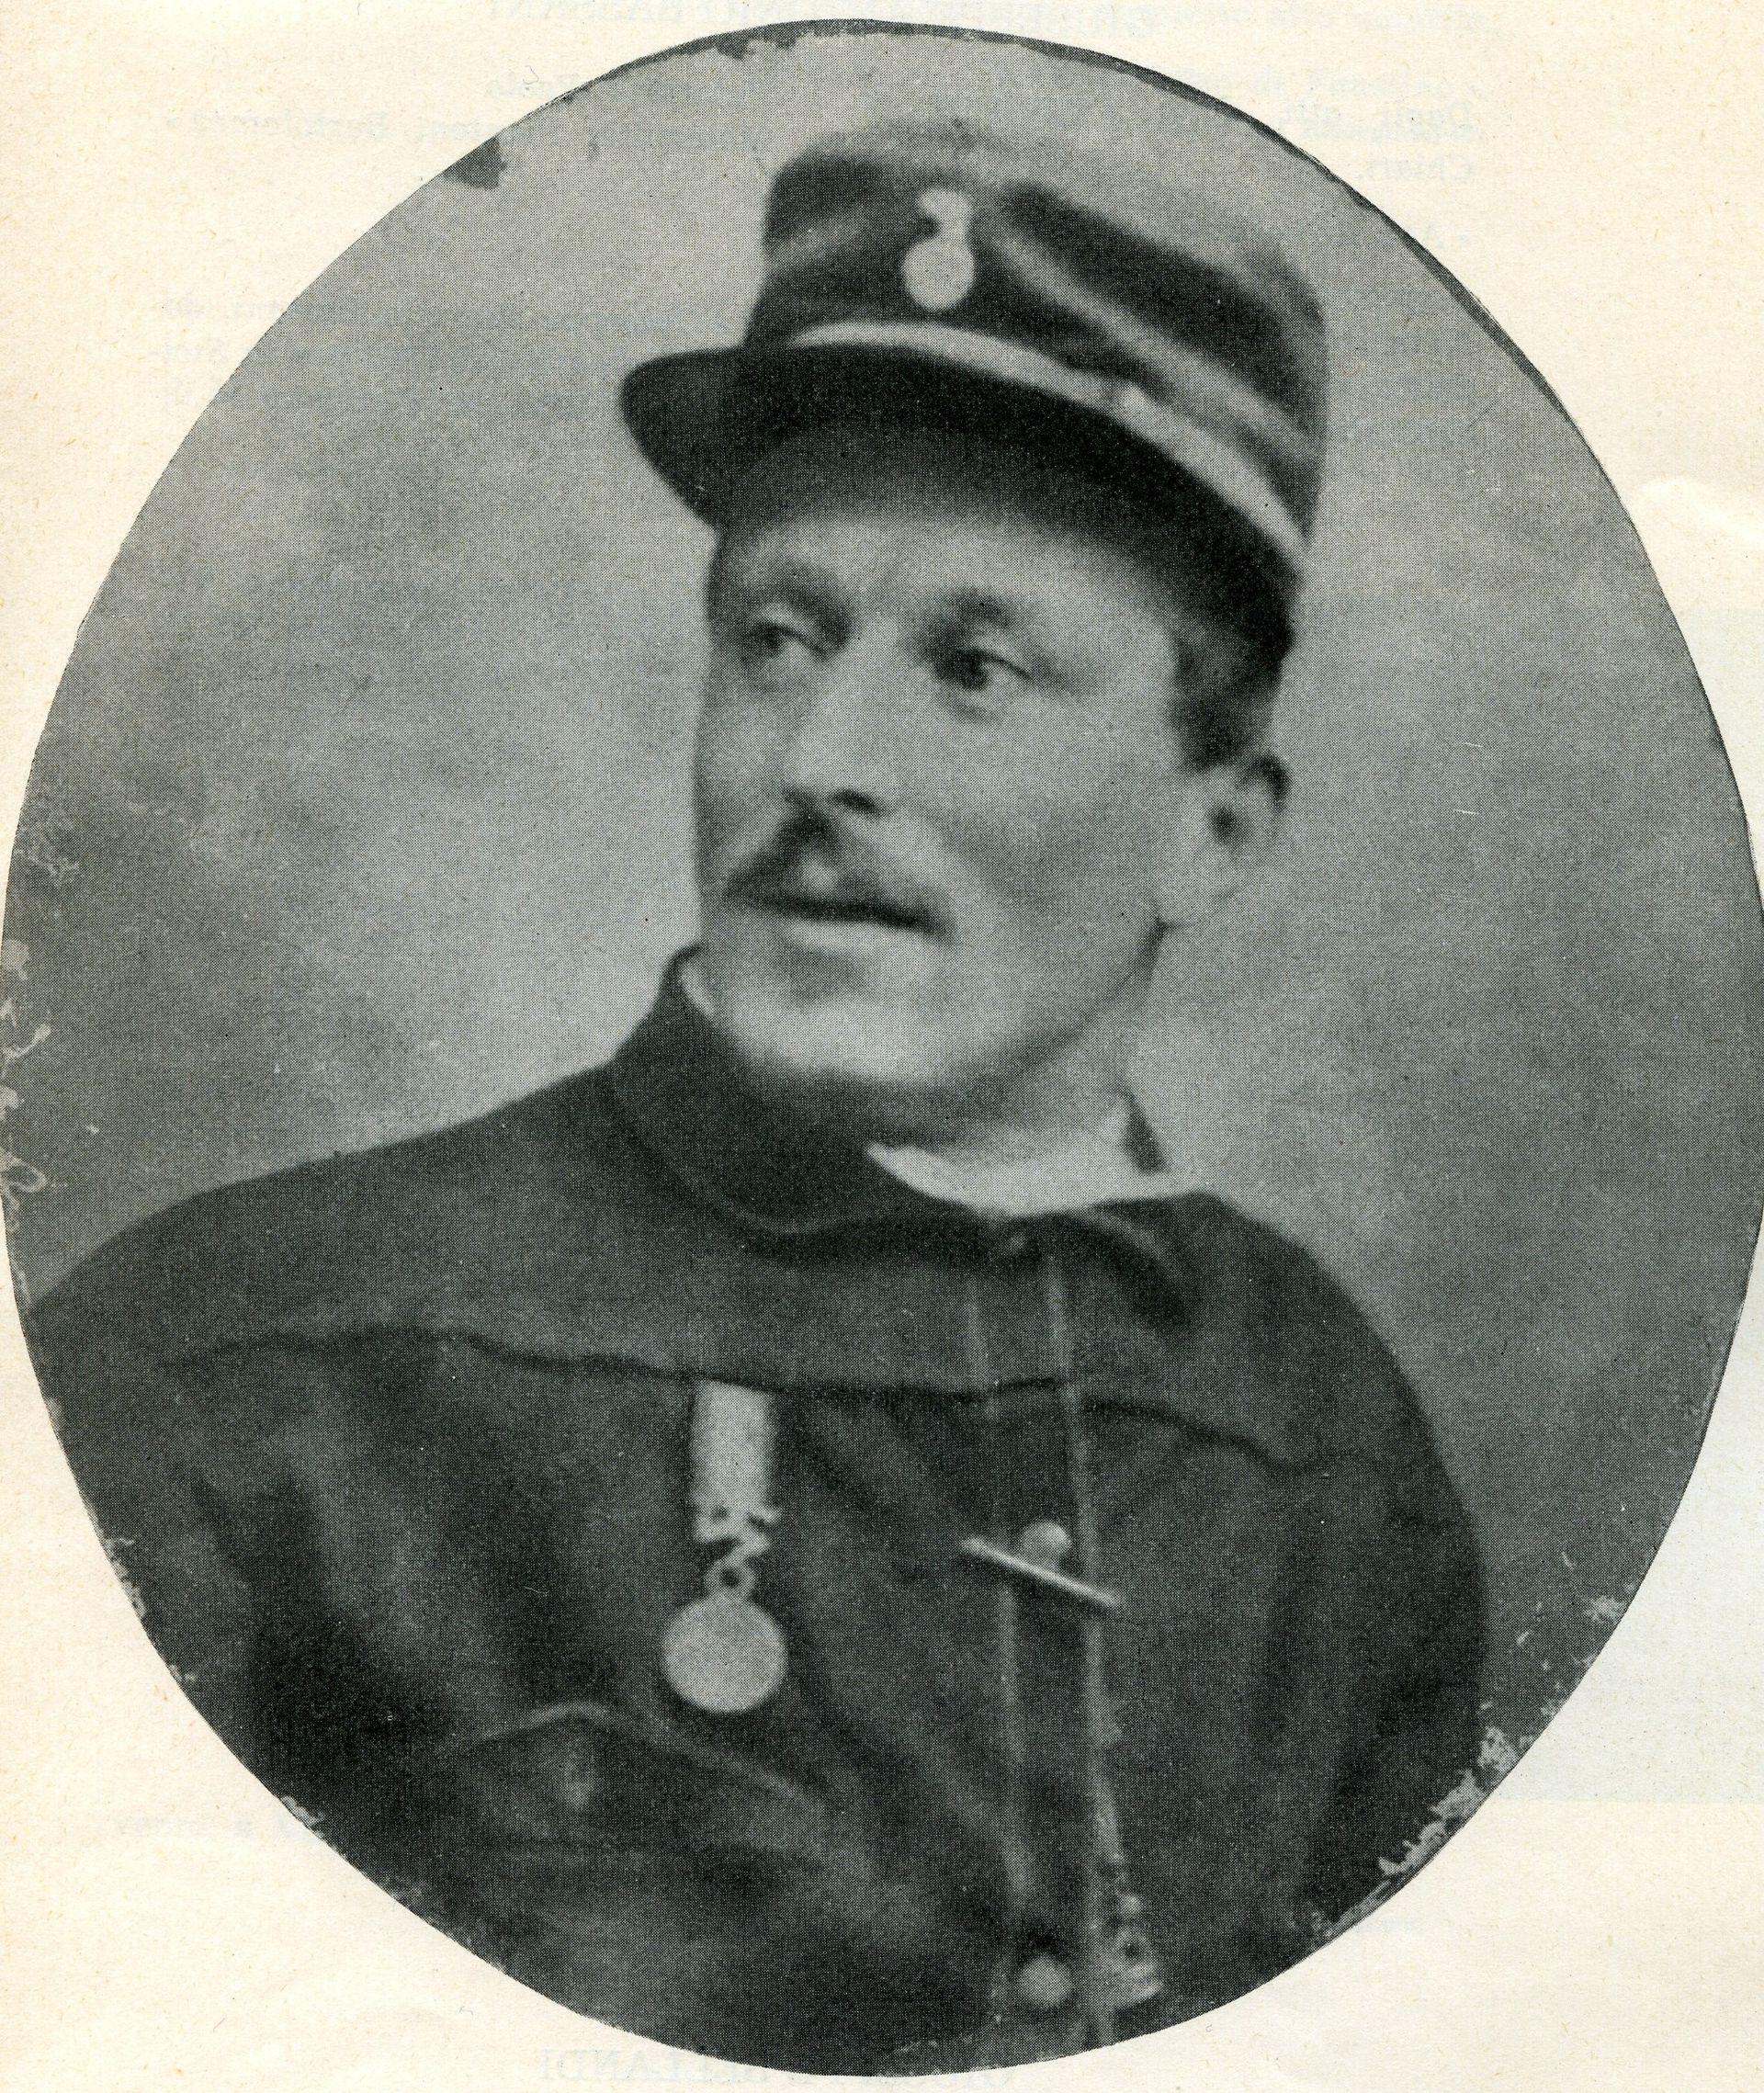 Notaio Pavia: Giuseppe Barboglio